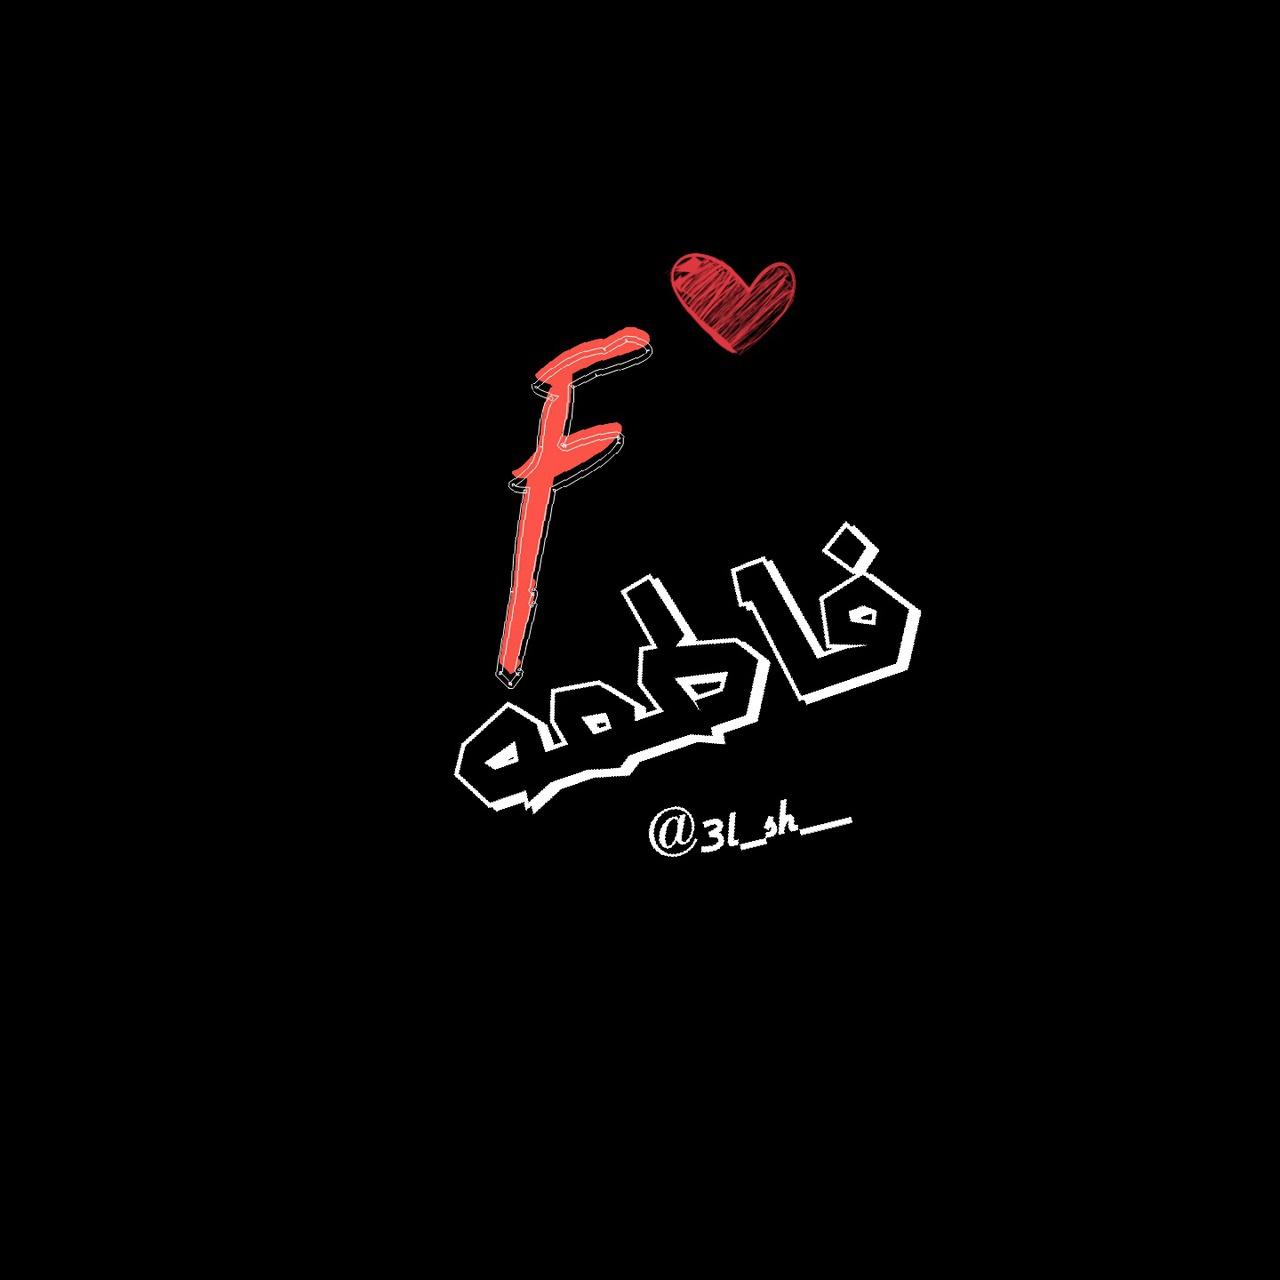 صور اسم فاطمة معنى إسم فاطمه صفات أسم فطومة